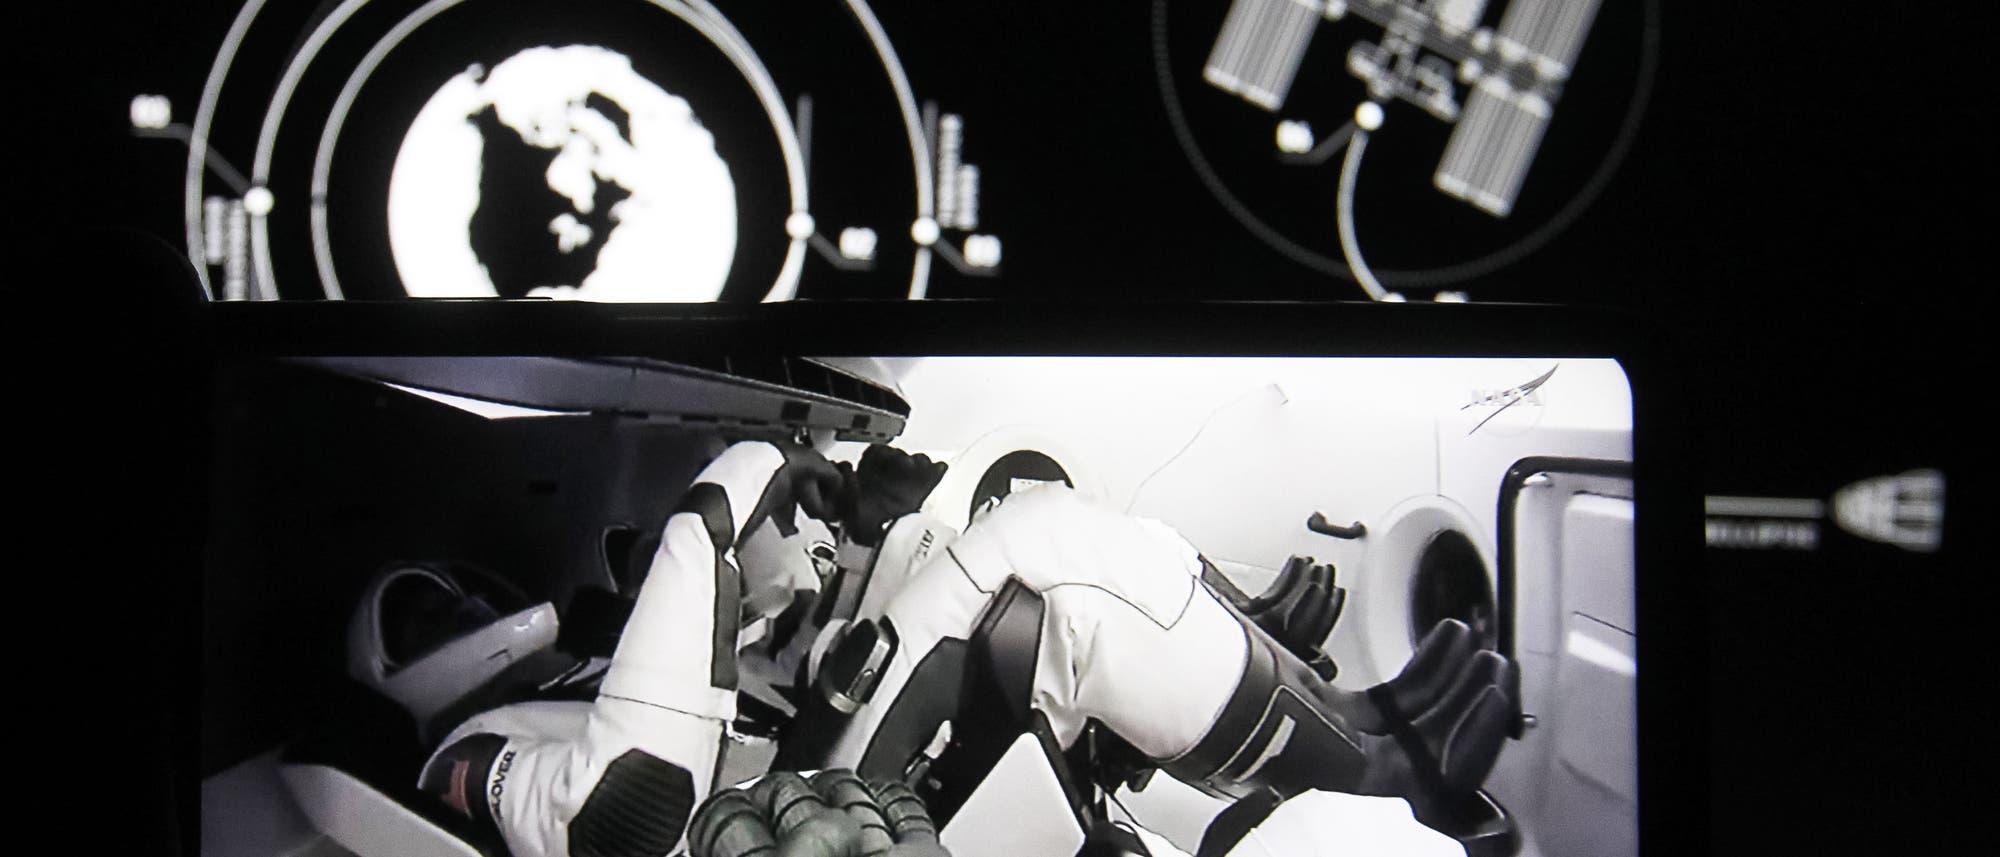 In dieser Fotoillustration ist der Start einer Mission der NASA SpaceX Crew-1 auf einem Smartphone-Bildschirm zu sehen.